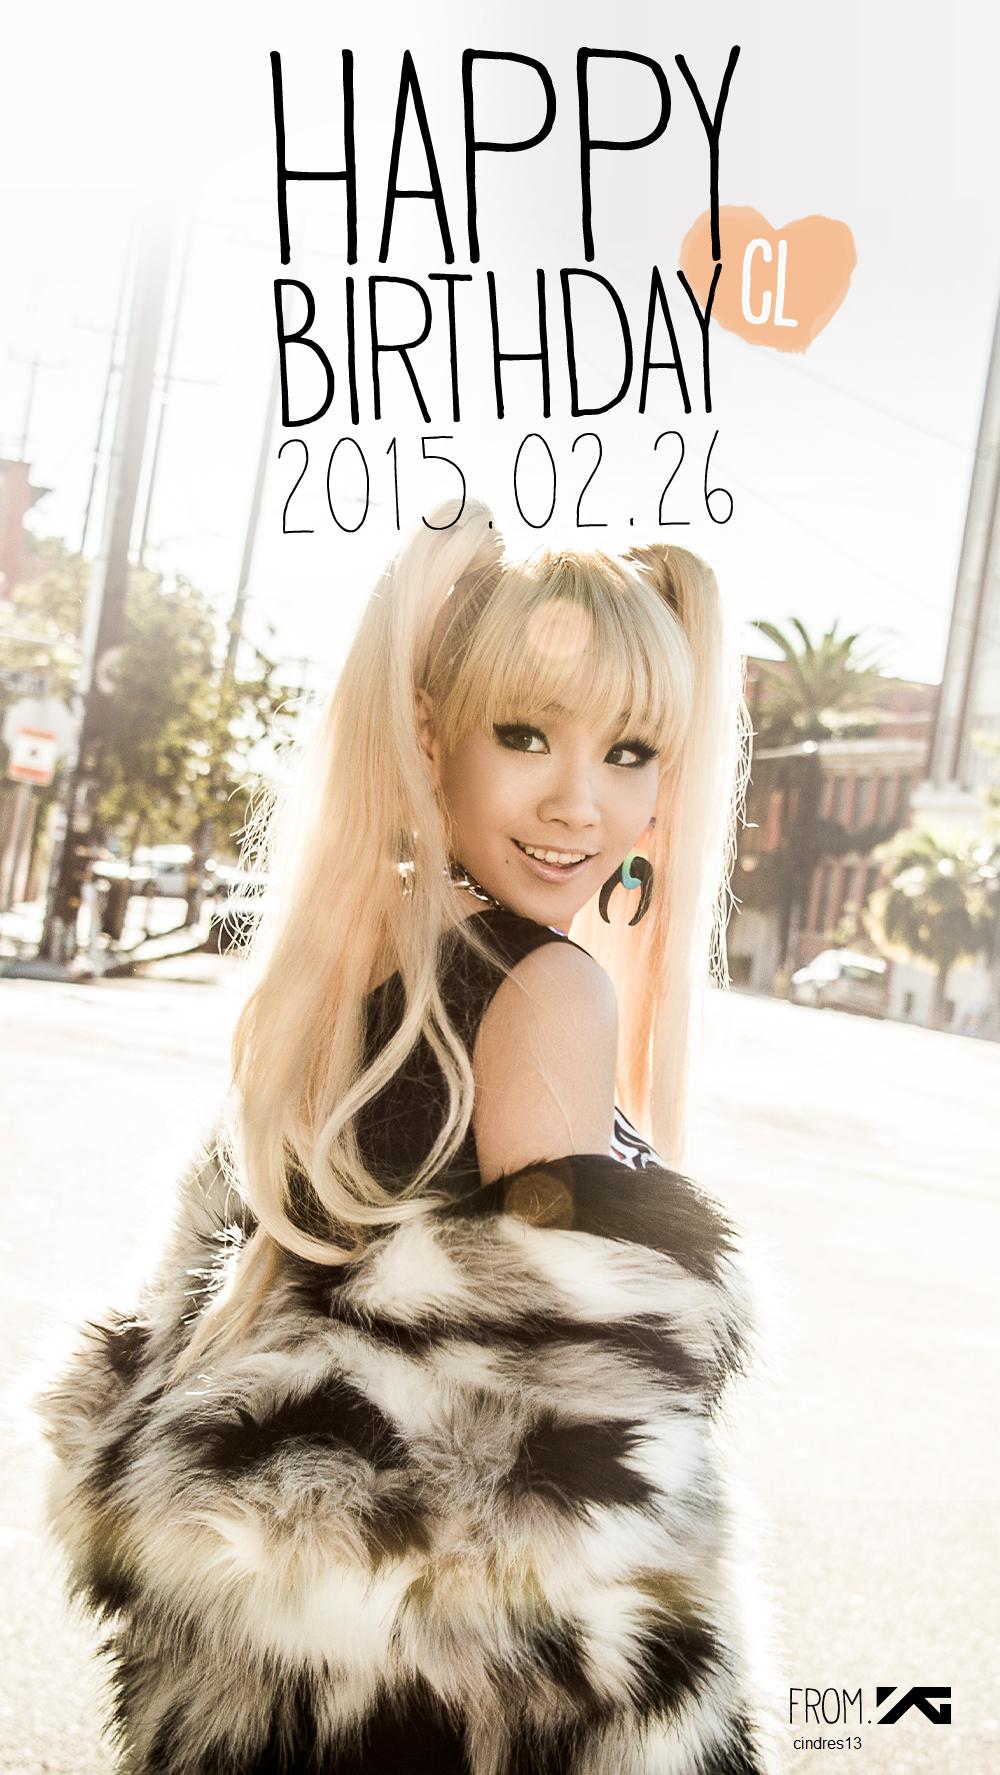 HAPPY BIRTHDAY CL!!! 🎉🎂 Cl 2ne1, 2ne1, Happy birthday